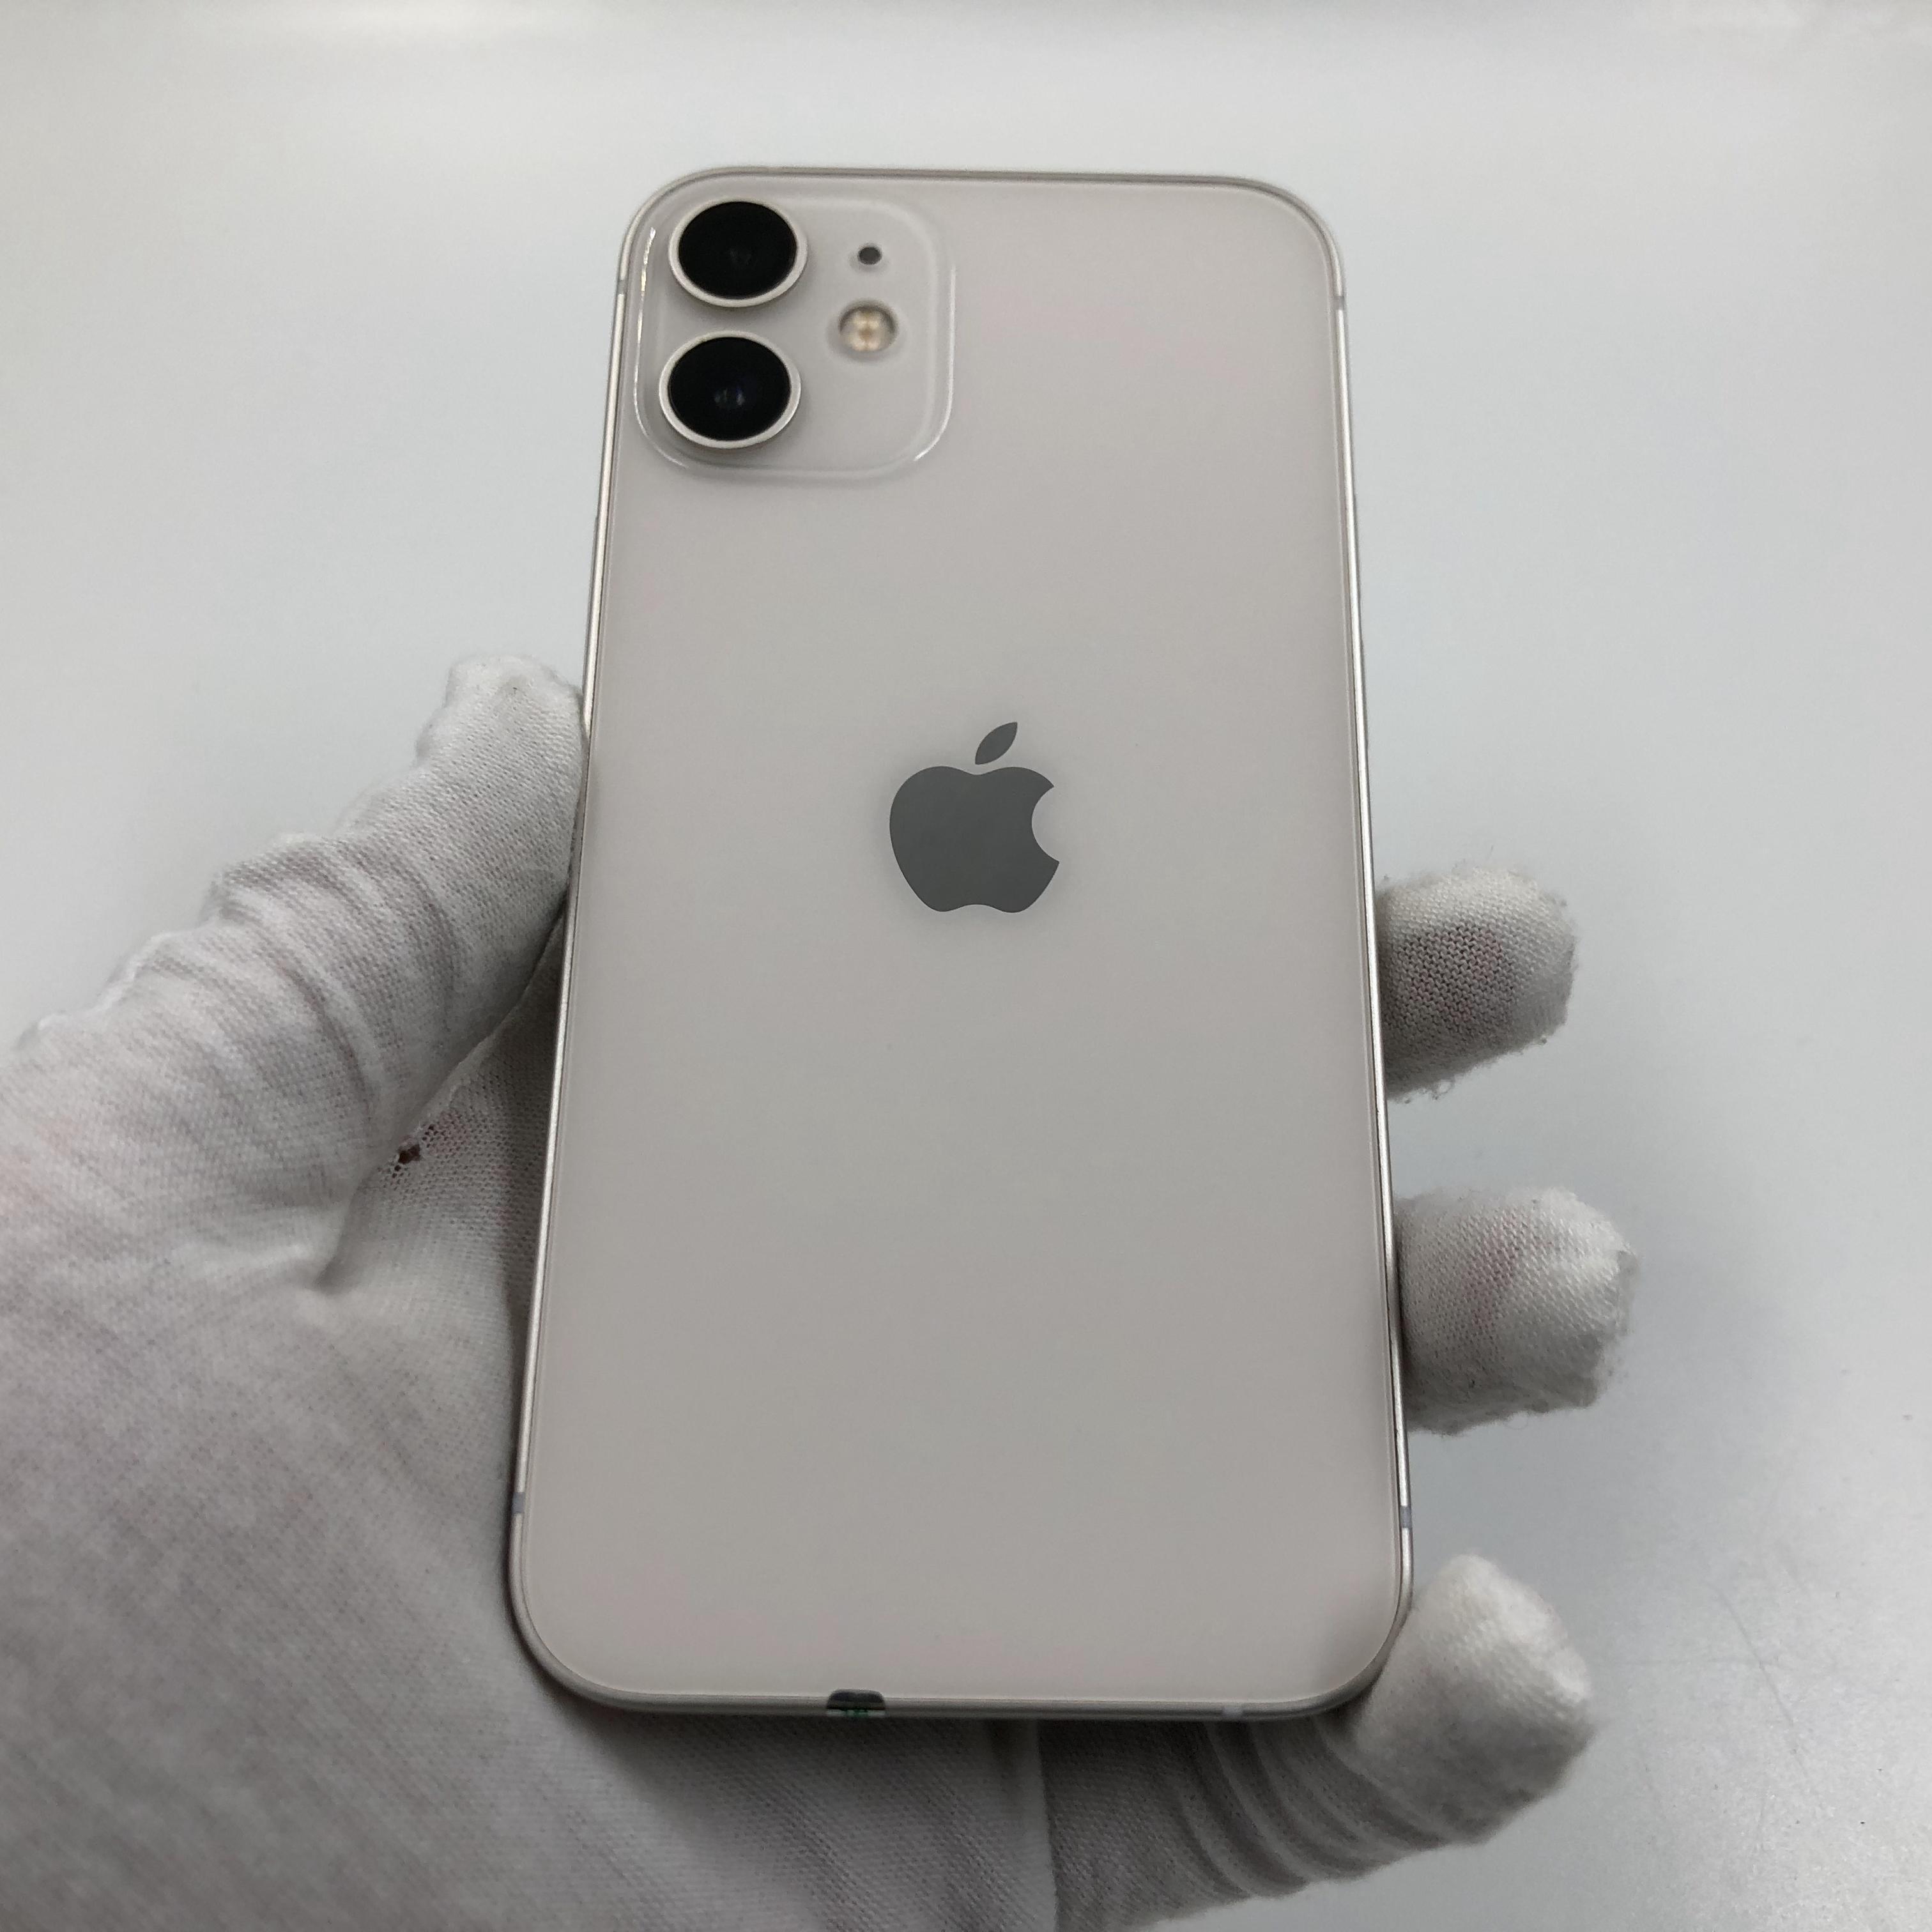 苹果【iPhone 12 mini】5G全网通 白色 128G 国行 95新 真机实拍官保2021-12-22